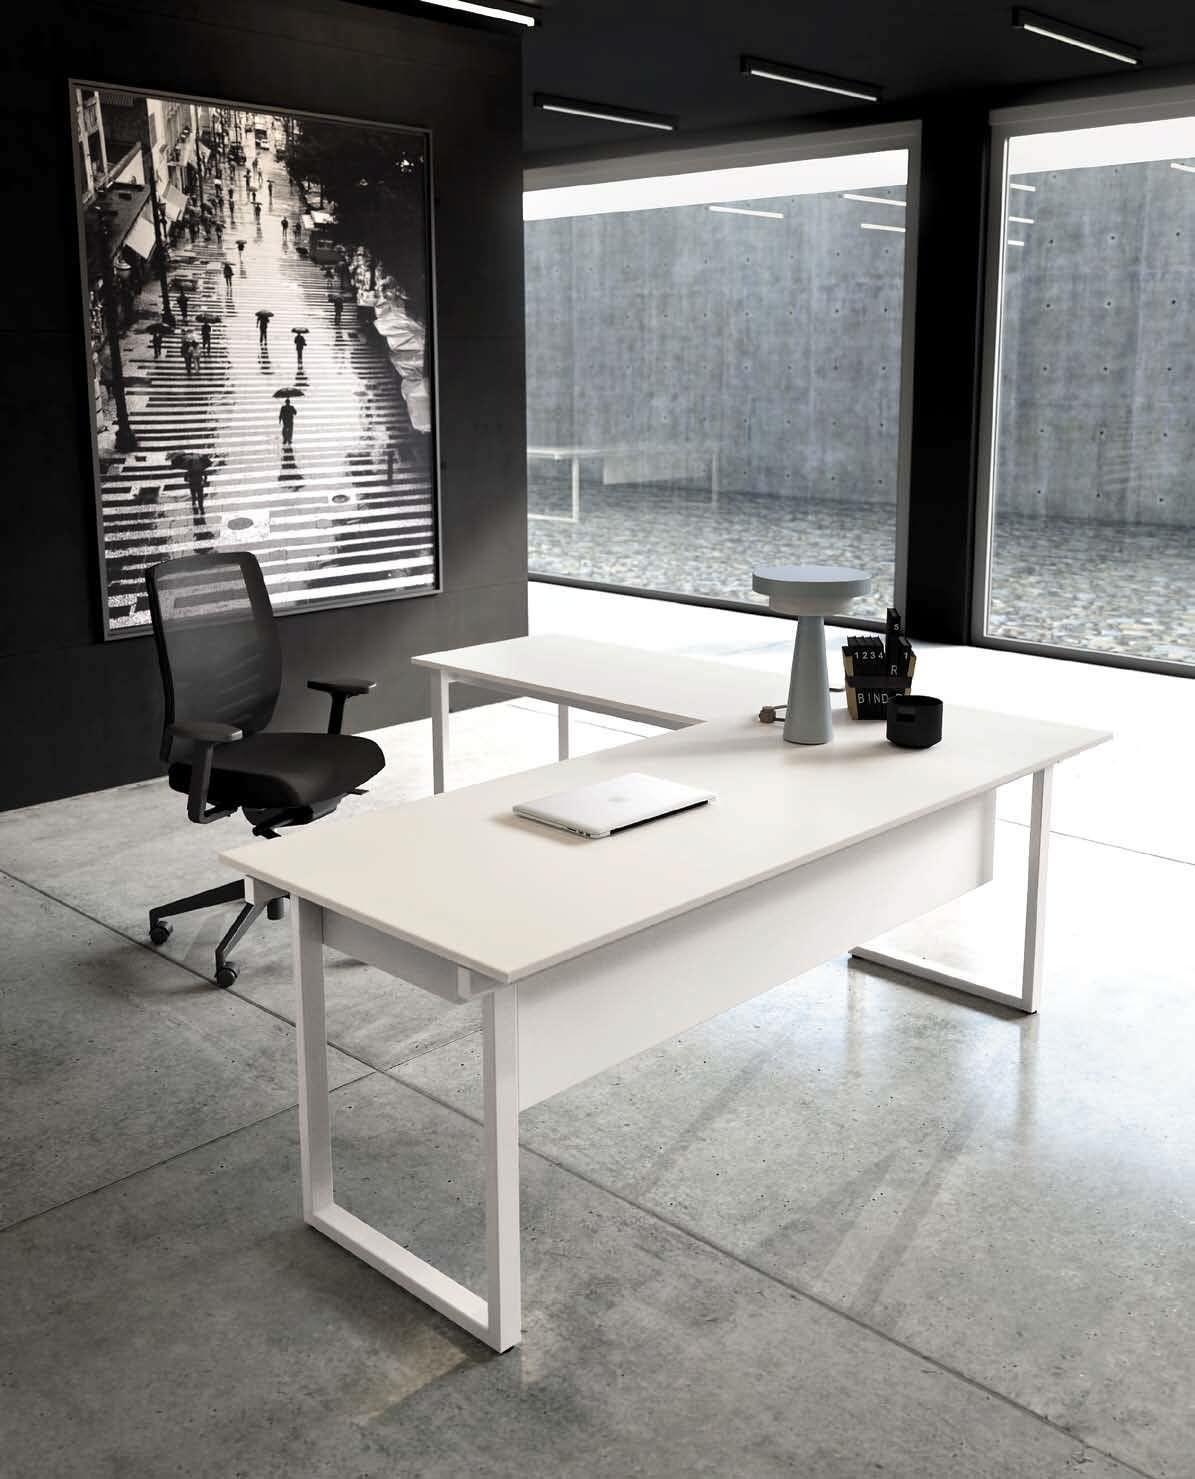 Vendita mobili per ufficio tecnoservice snc ferrara for Vendita mobili usati trento